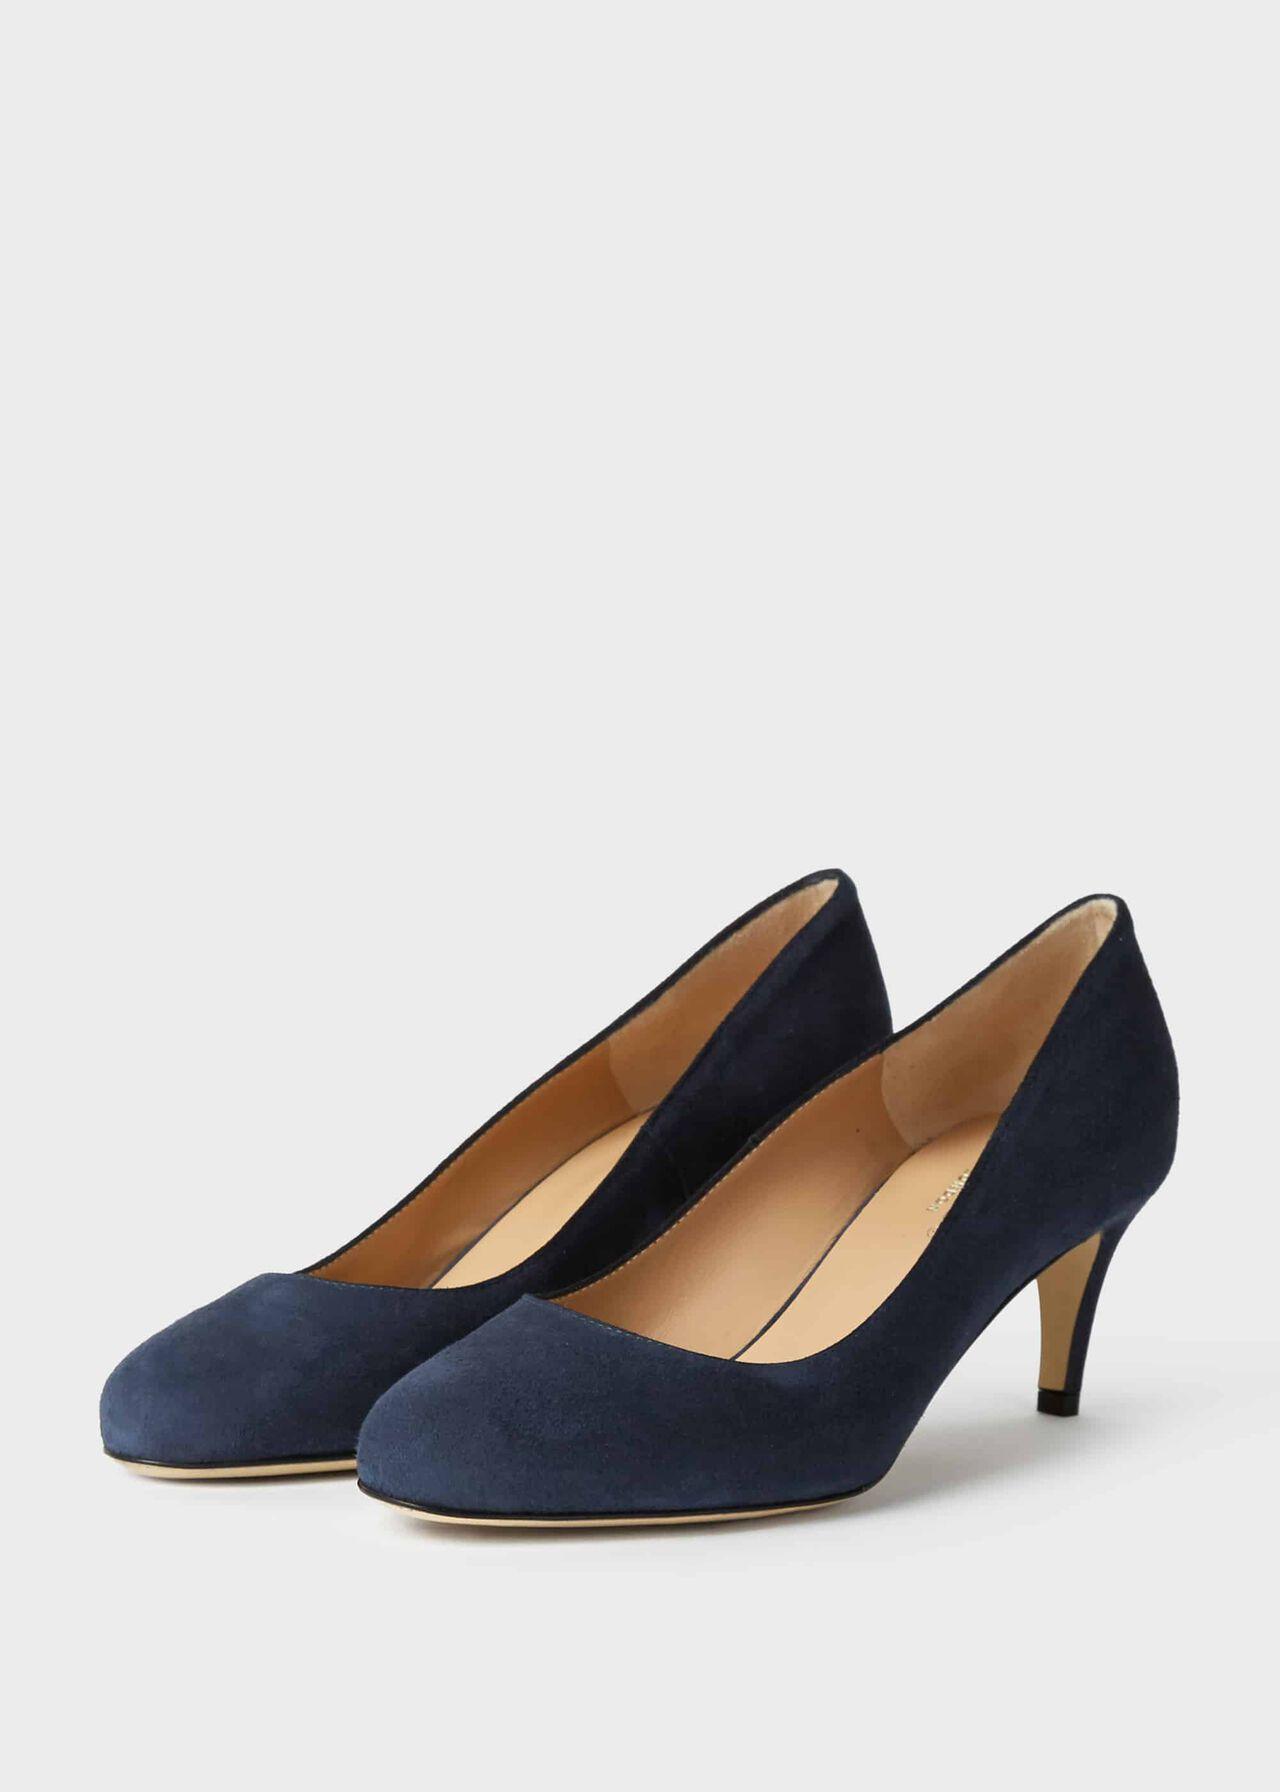 Emma Suede Stiletto Court Shoes Midnight